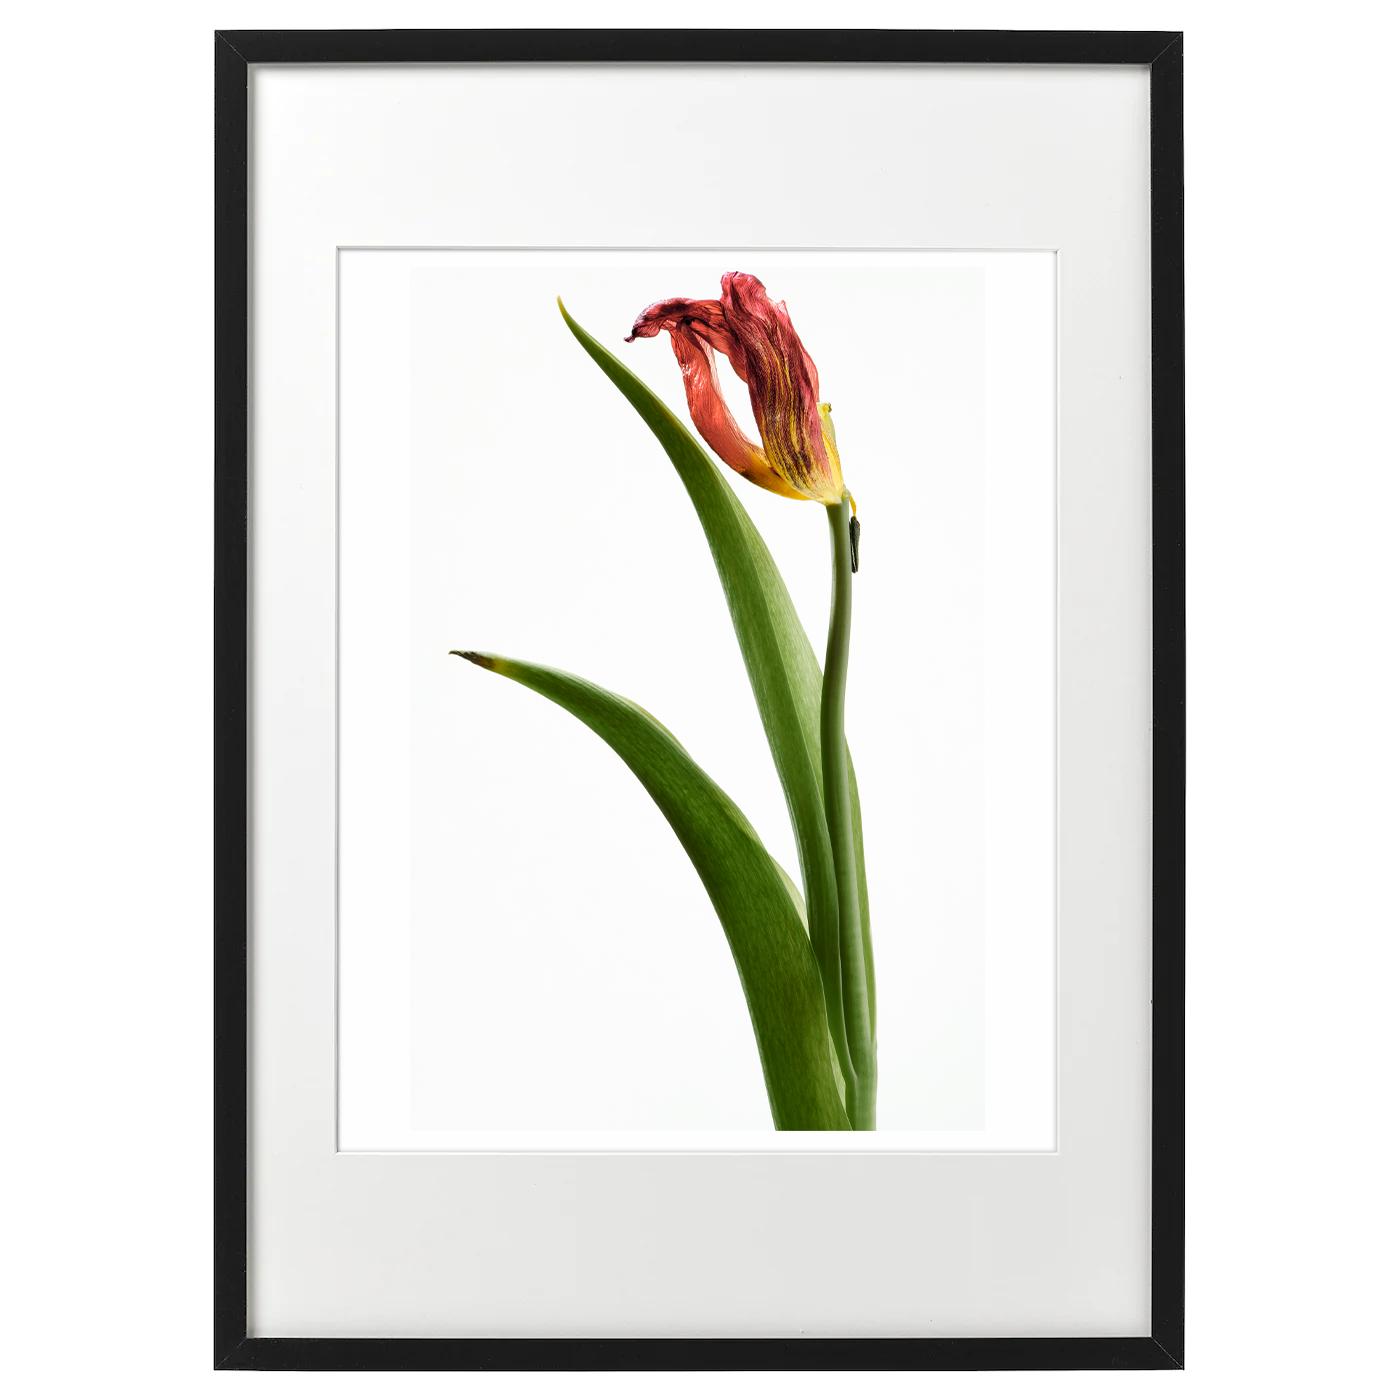 額装ハナ 2021-018 Tulip